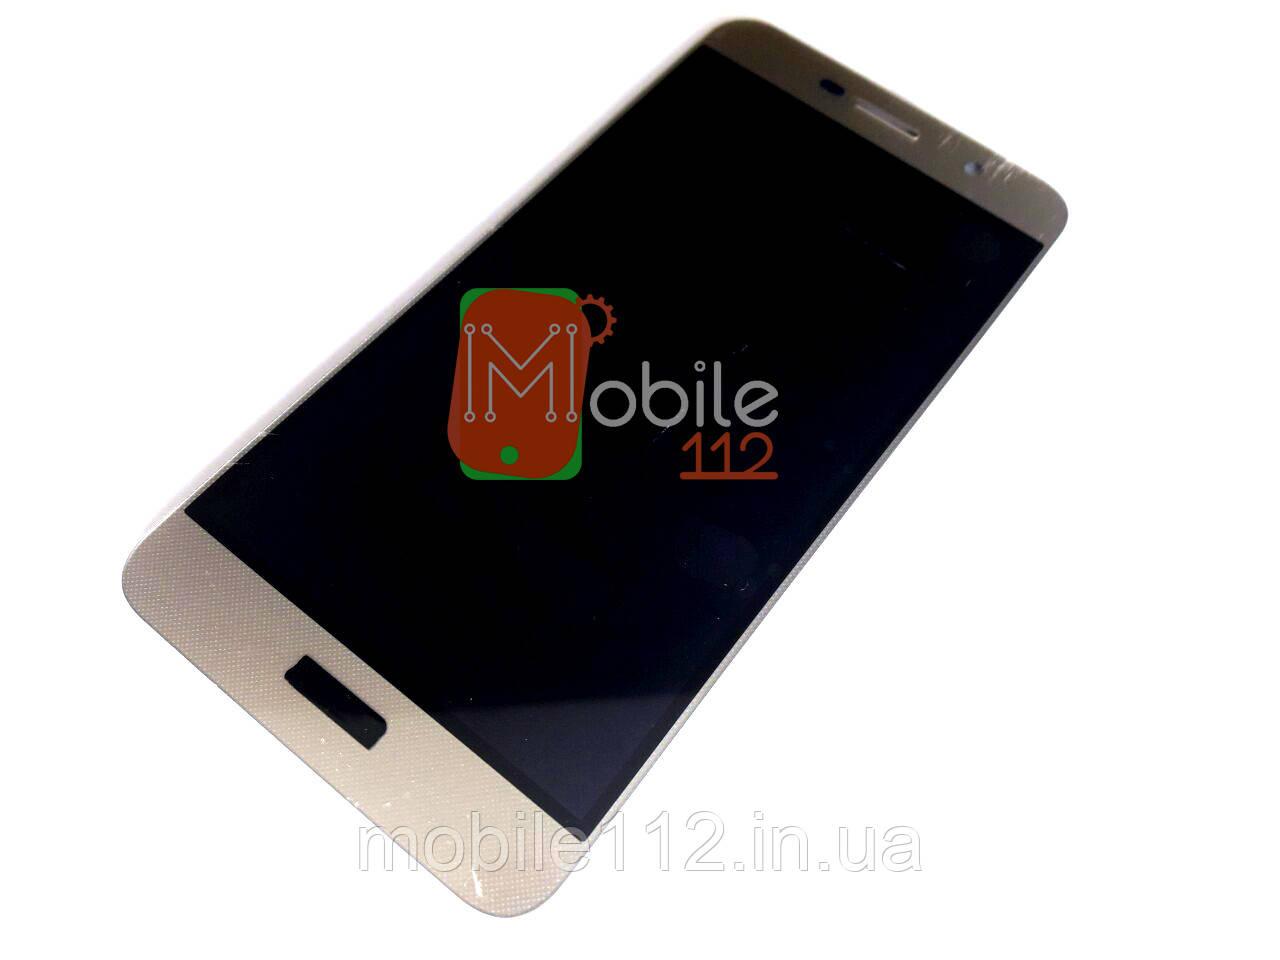 Модуль для Huawei Y6 Pro, Enjoy 5 TIT-U02 (Дисплей + тачскрин) золотистый, оригинал PRC